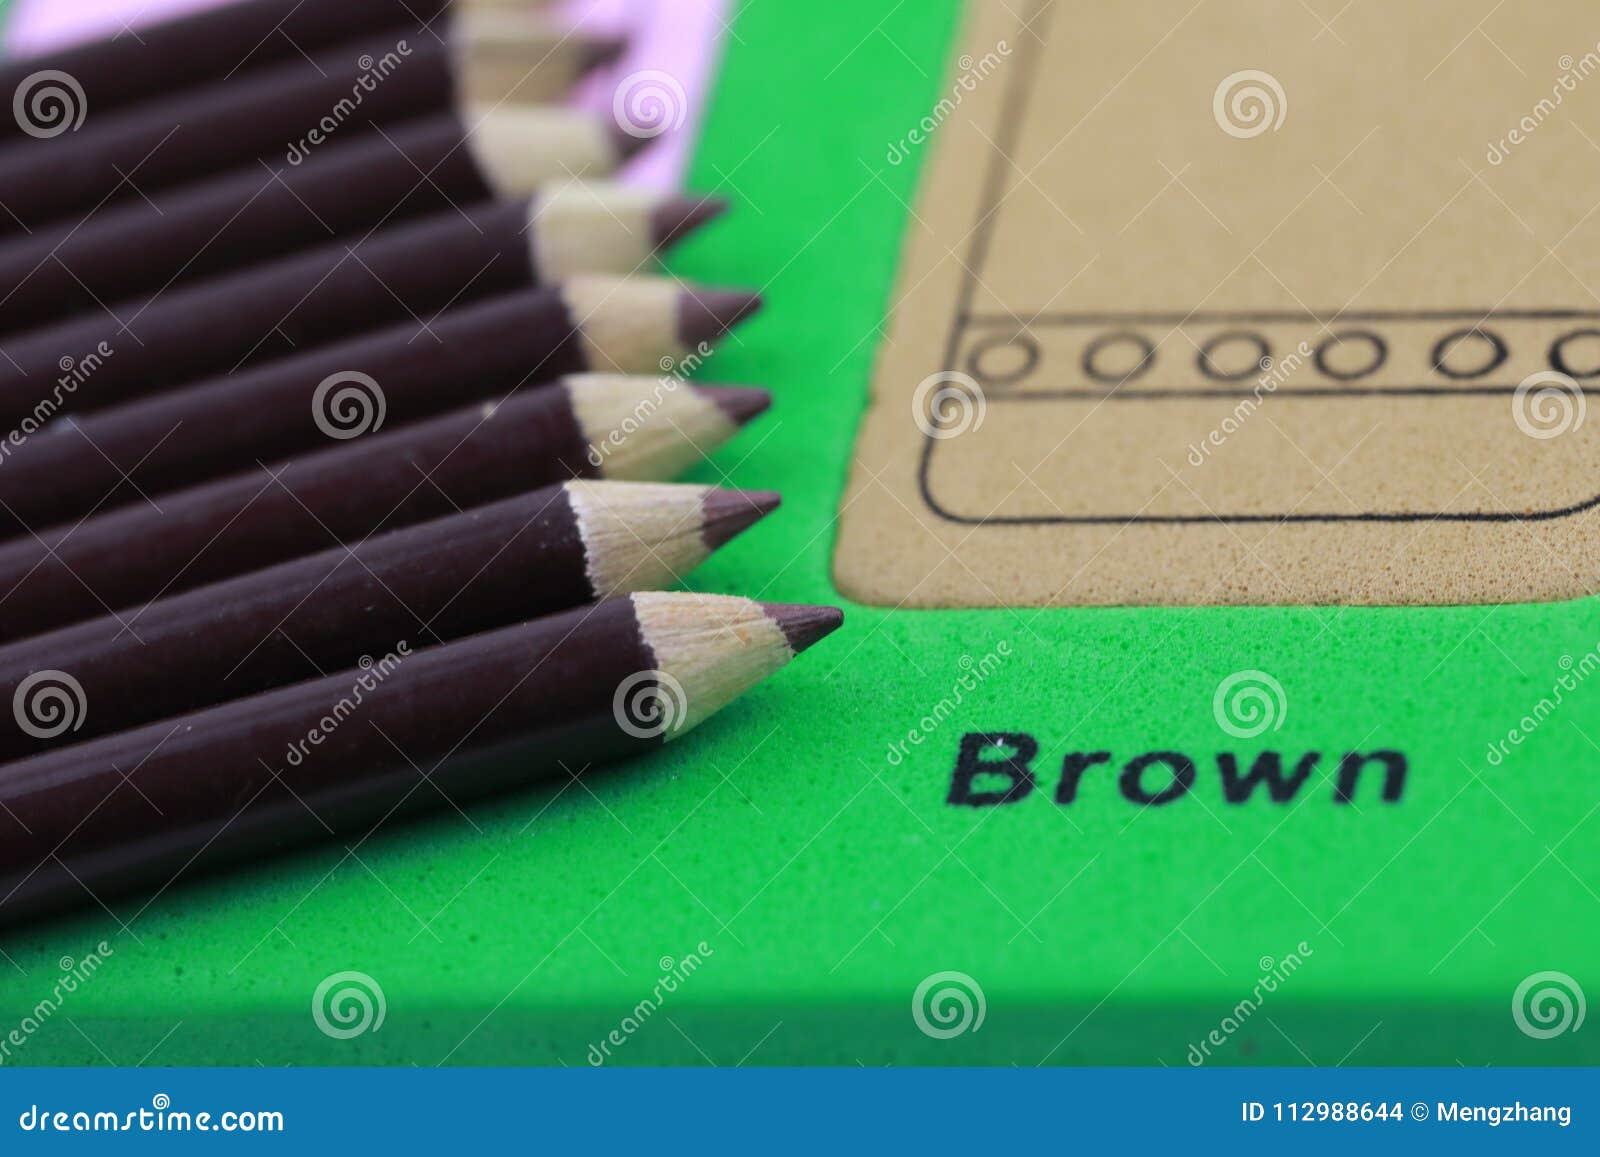 brown pencil crayon of row